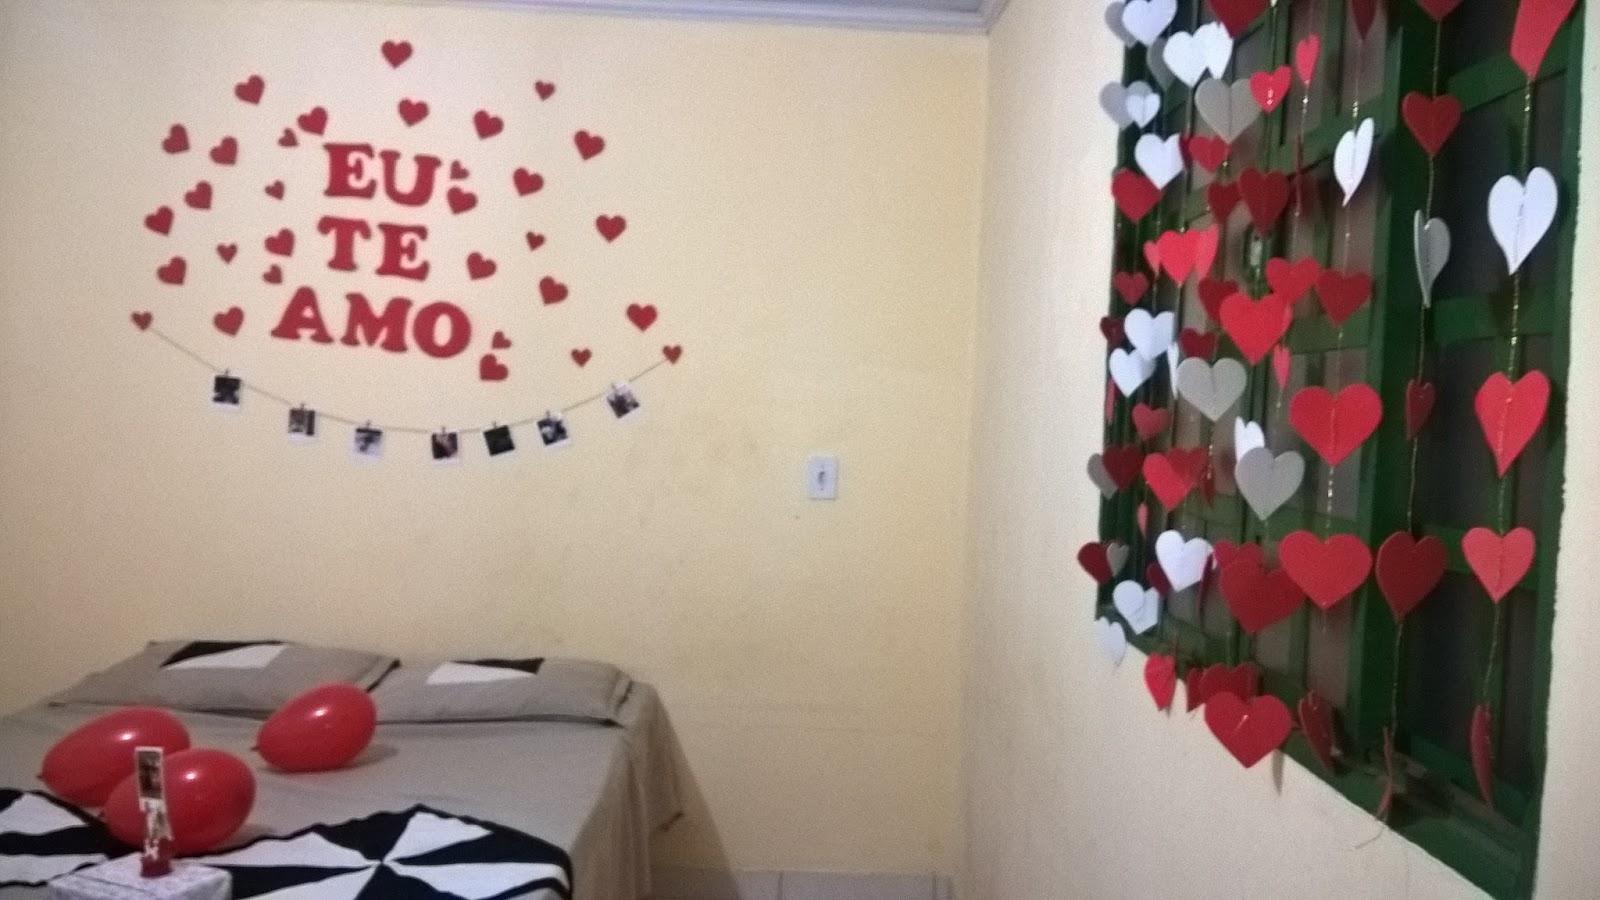 Surpresa para o namorado parte 2 Talento Feminino ~ Surpresa No Quarto Do Meu Namorado